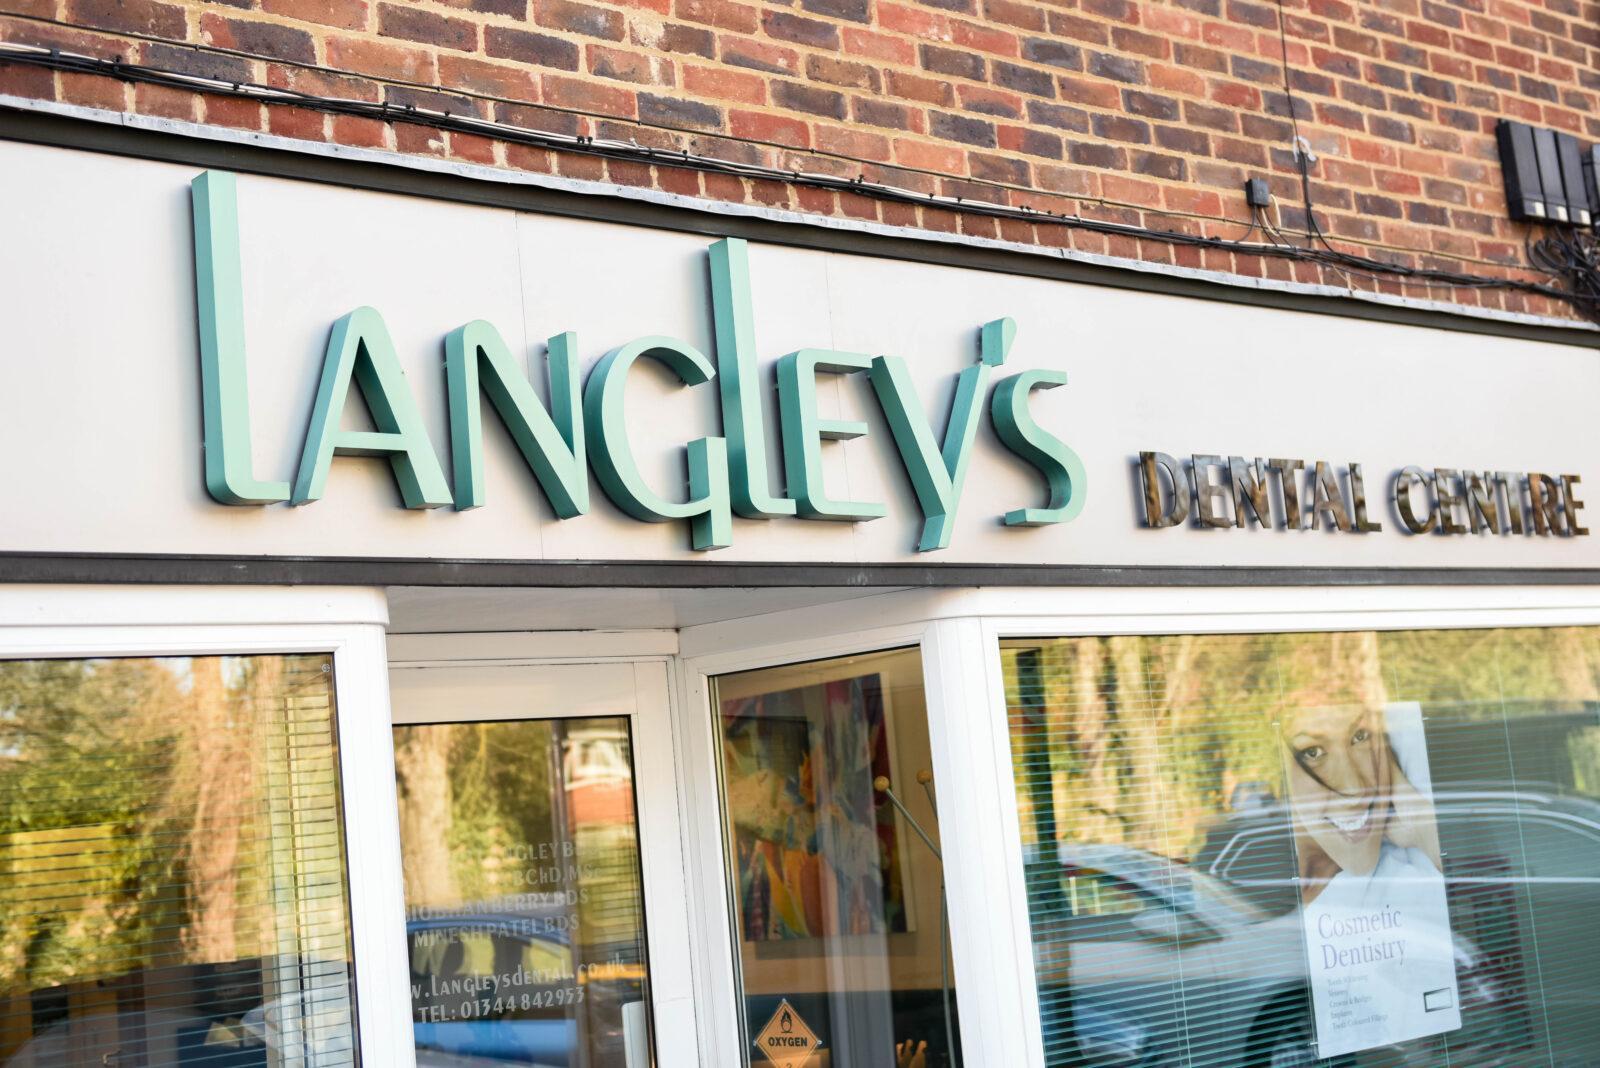 Langleys Dental signage